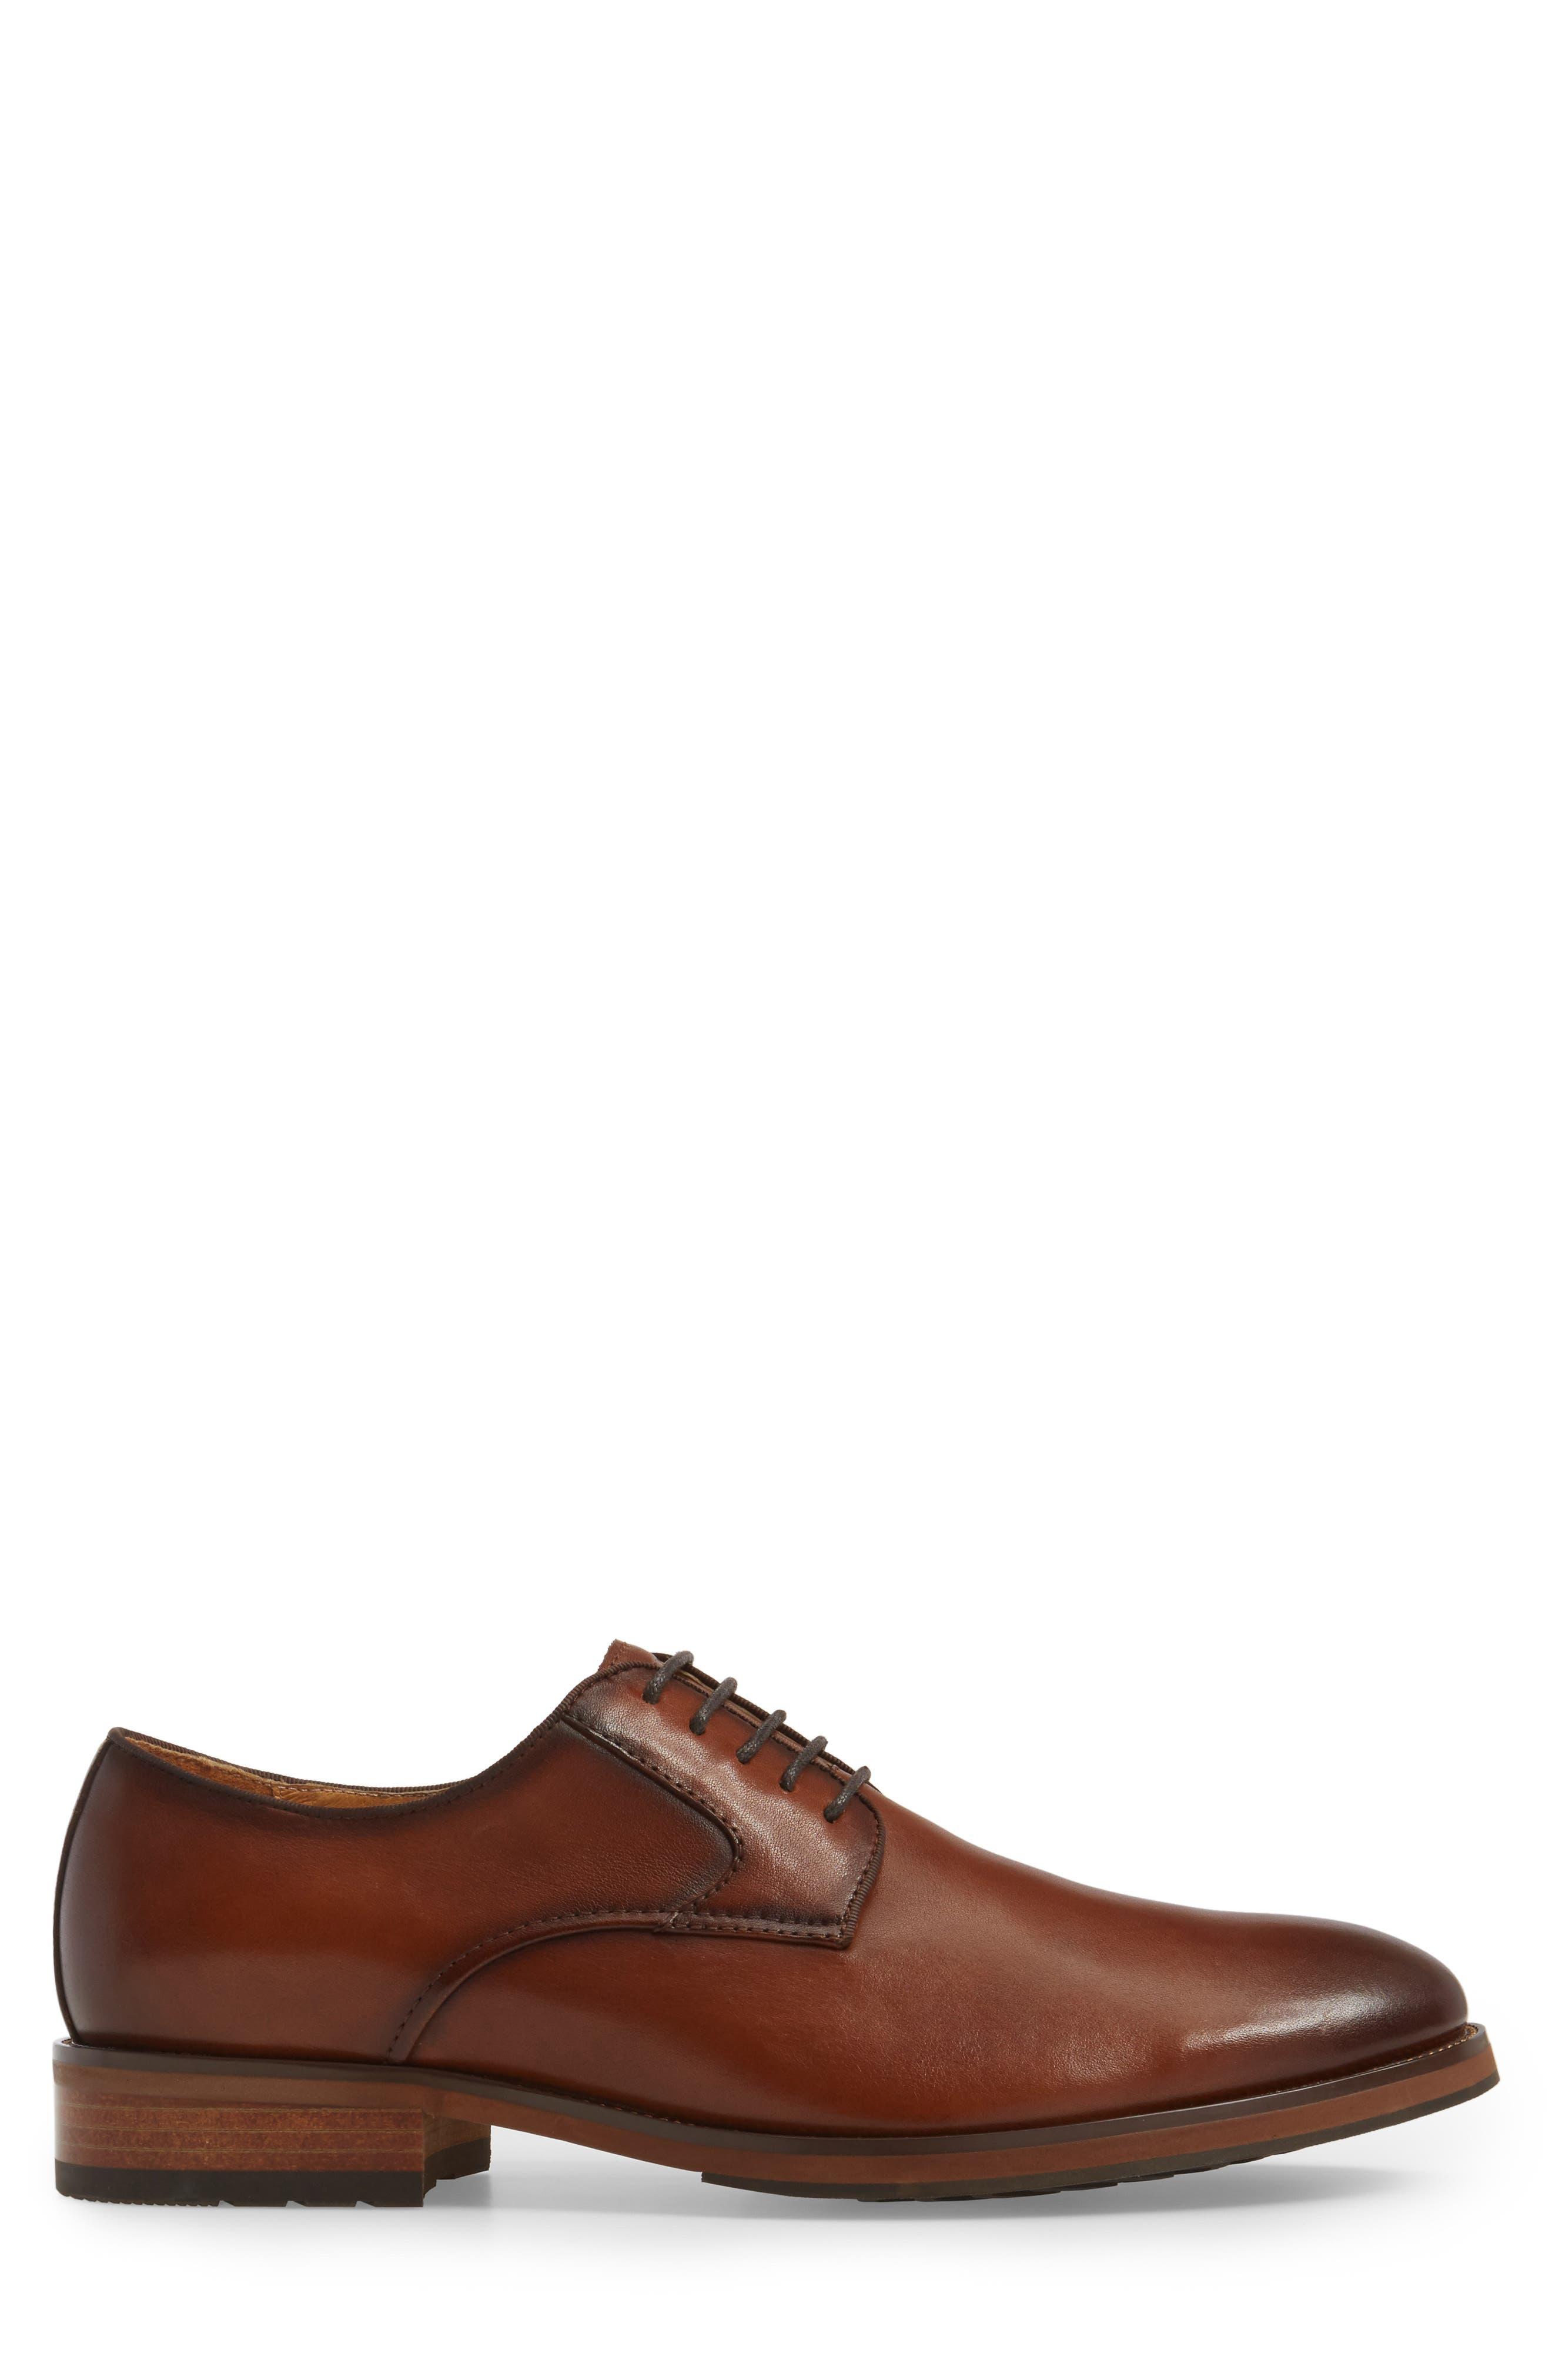 Blaze Plain Toe Derby,                             Alternate thumbnail 3, color,                             Cognac Leather